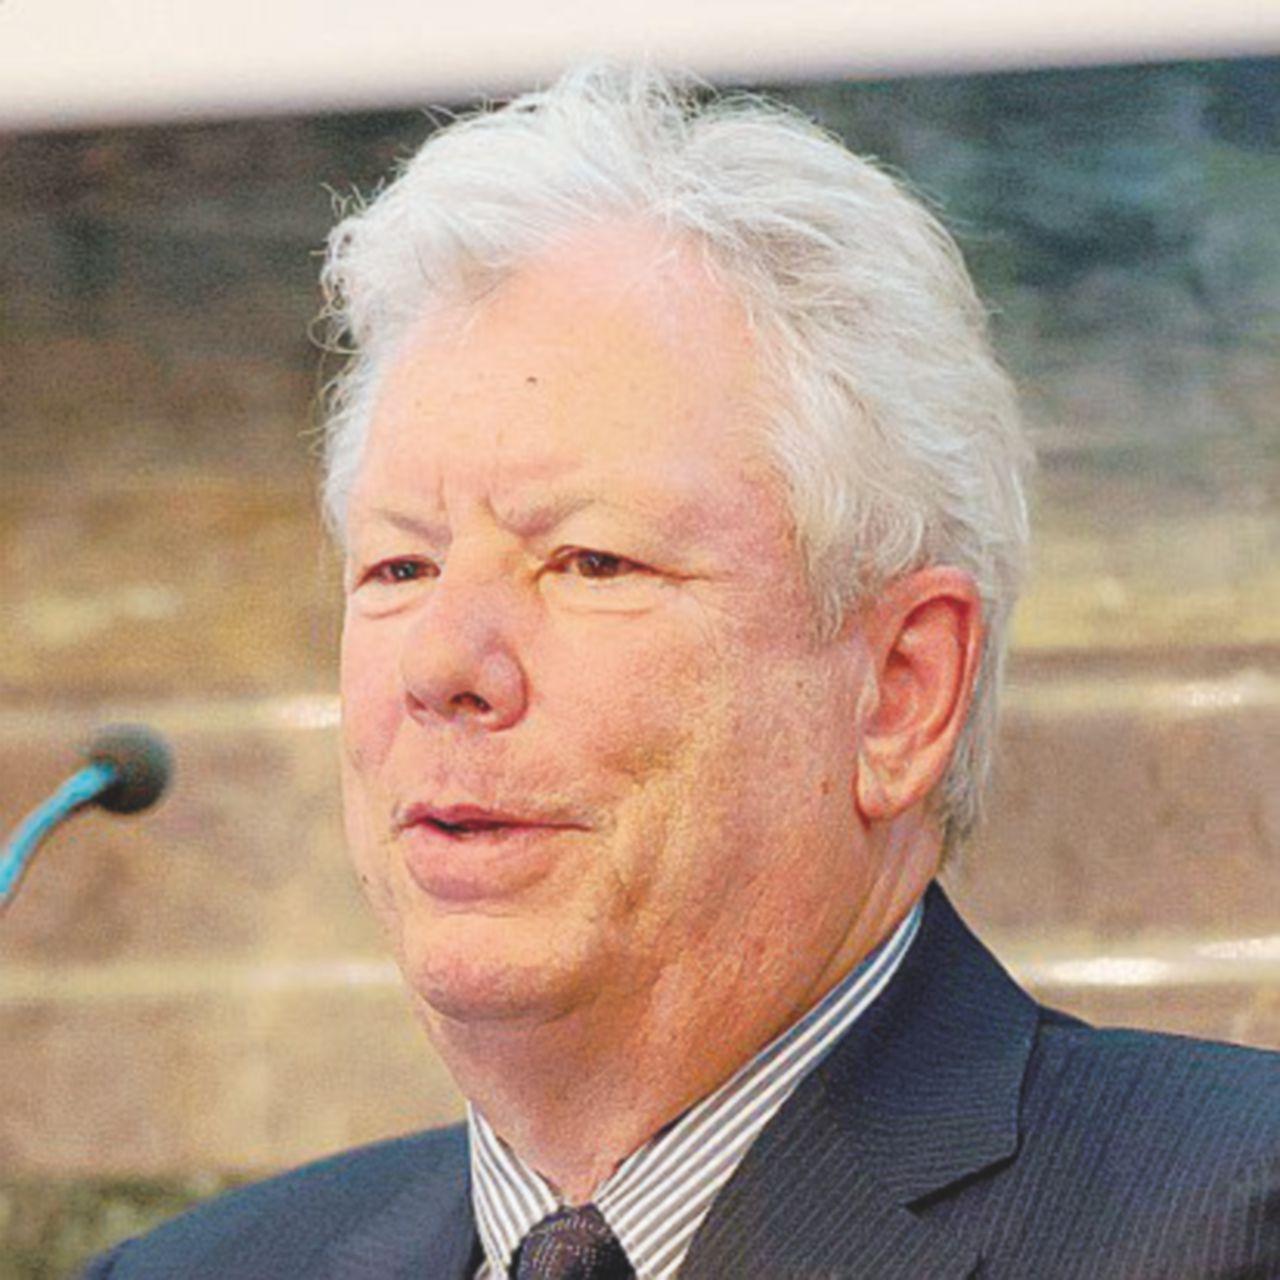 Nobel per Economia 2017 a Richard Thaler, i soldi ci fanno perdere la ragione